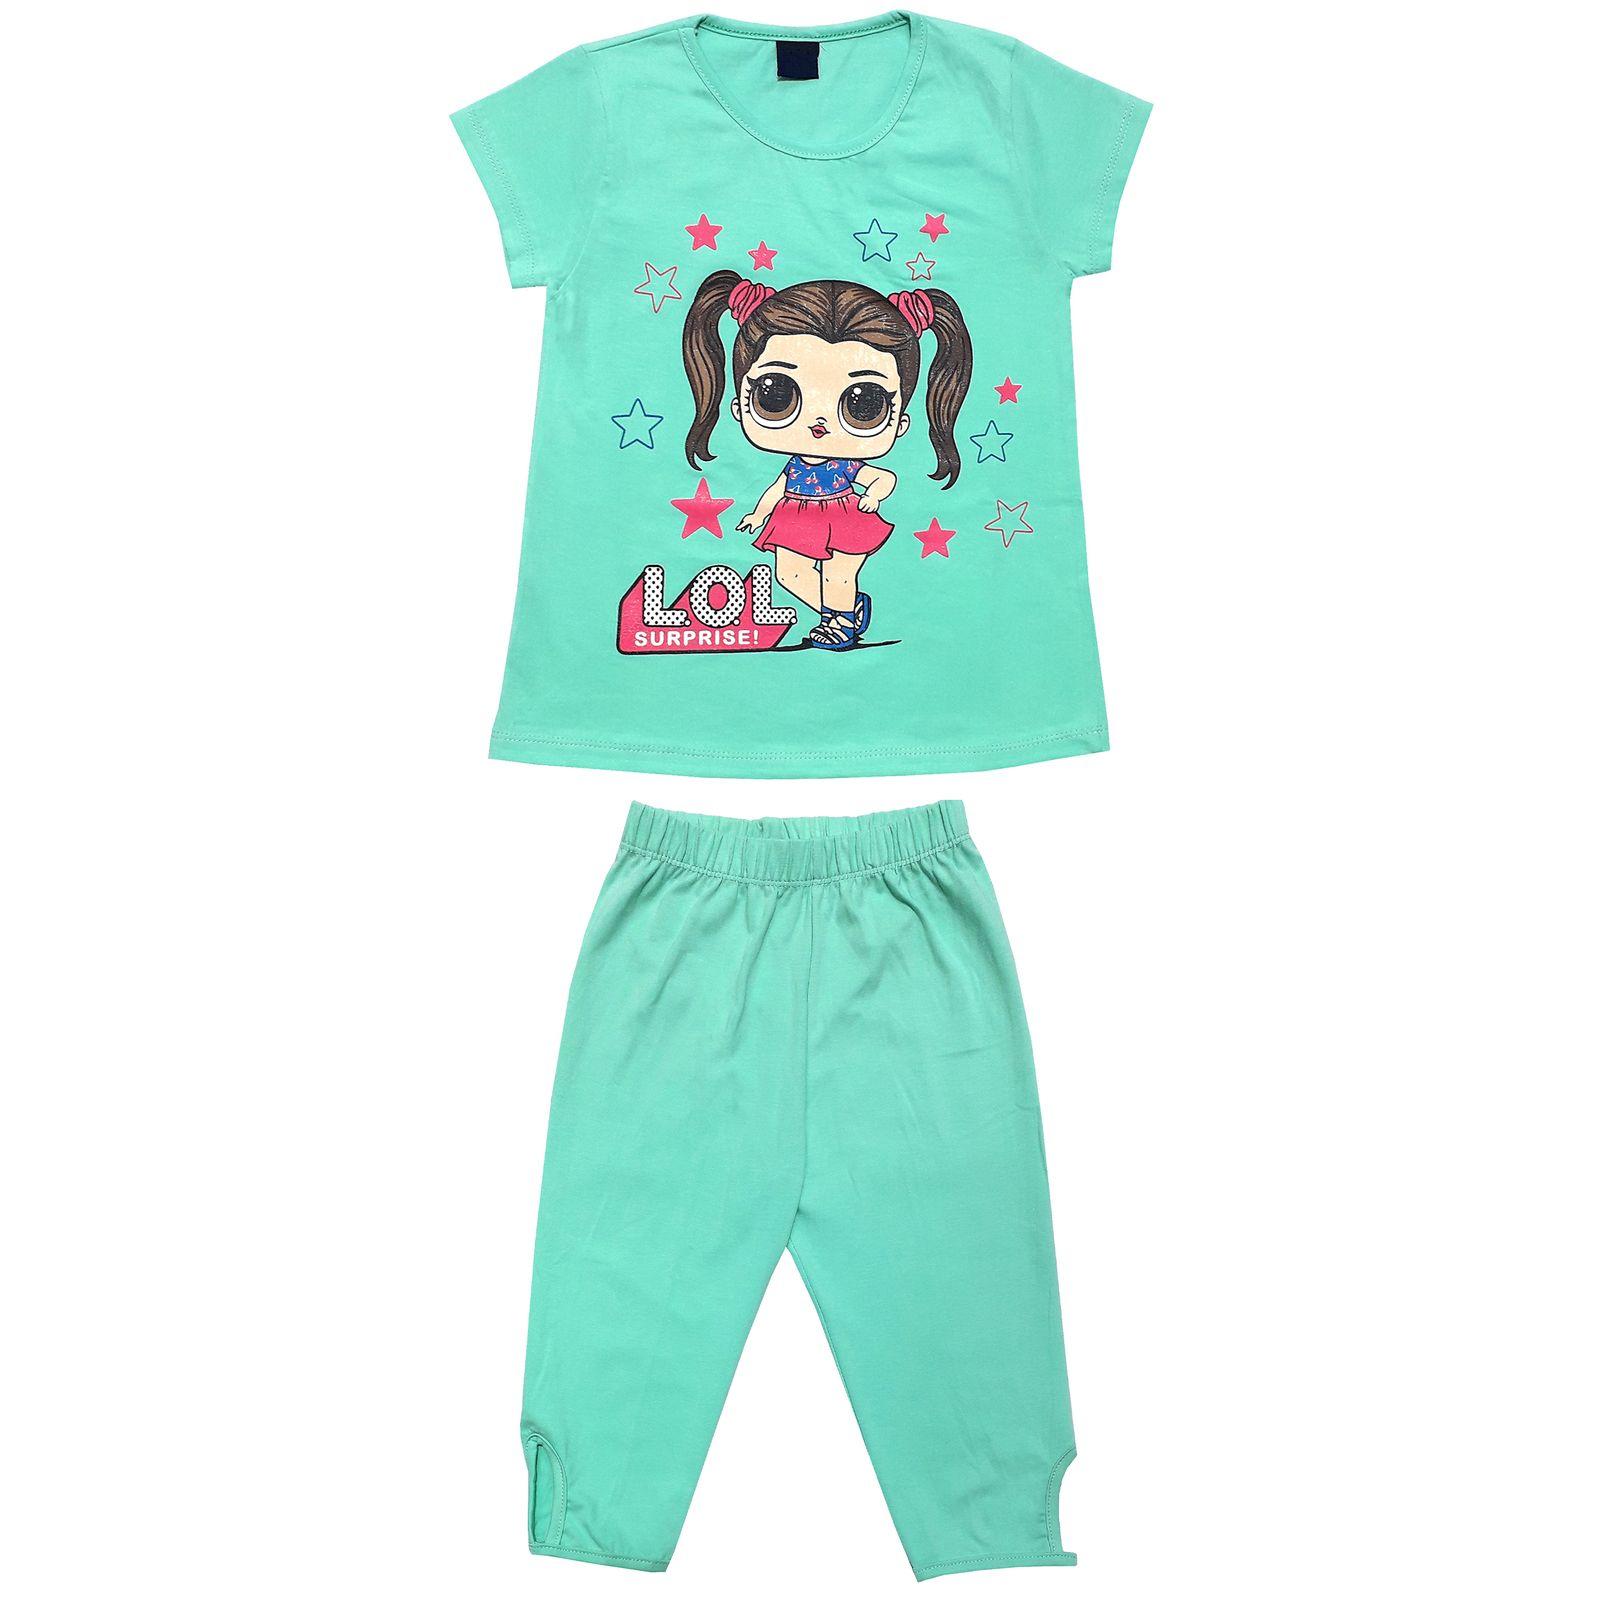 ست تی شرت و شلوارک دخترانه طرح LOL کد 1404 -  - 2